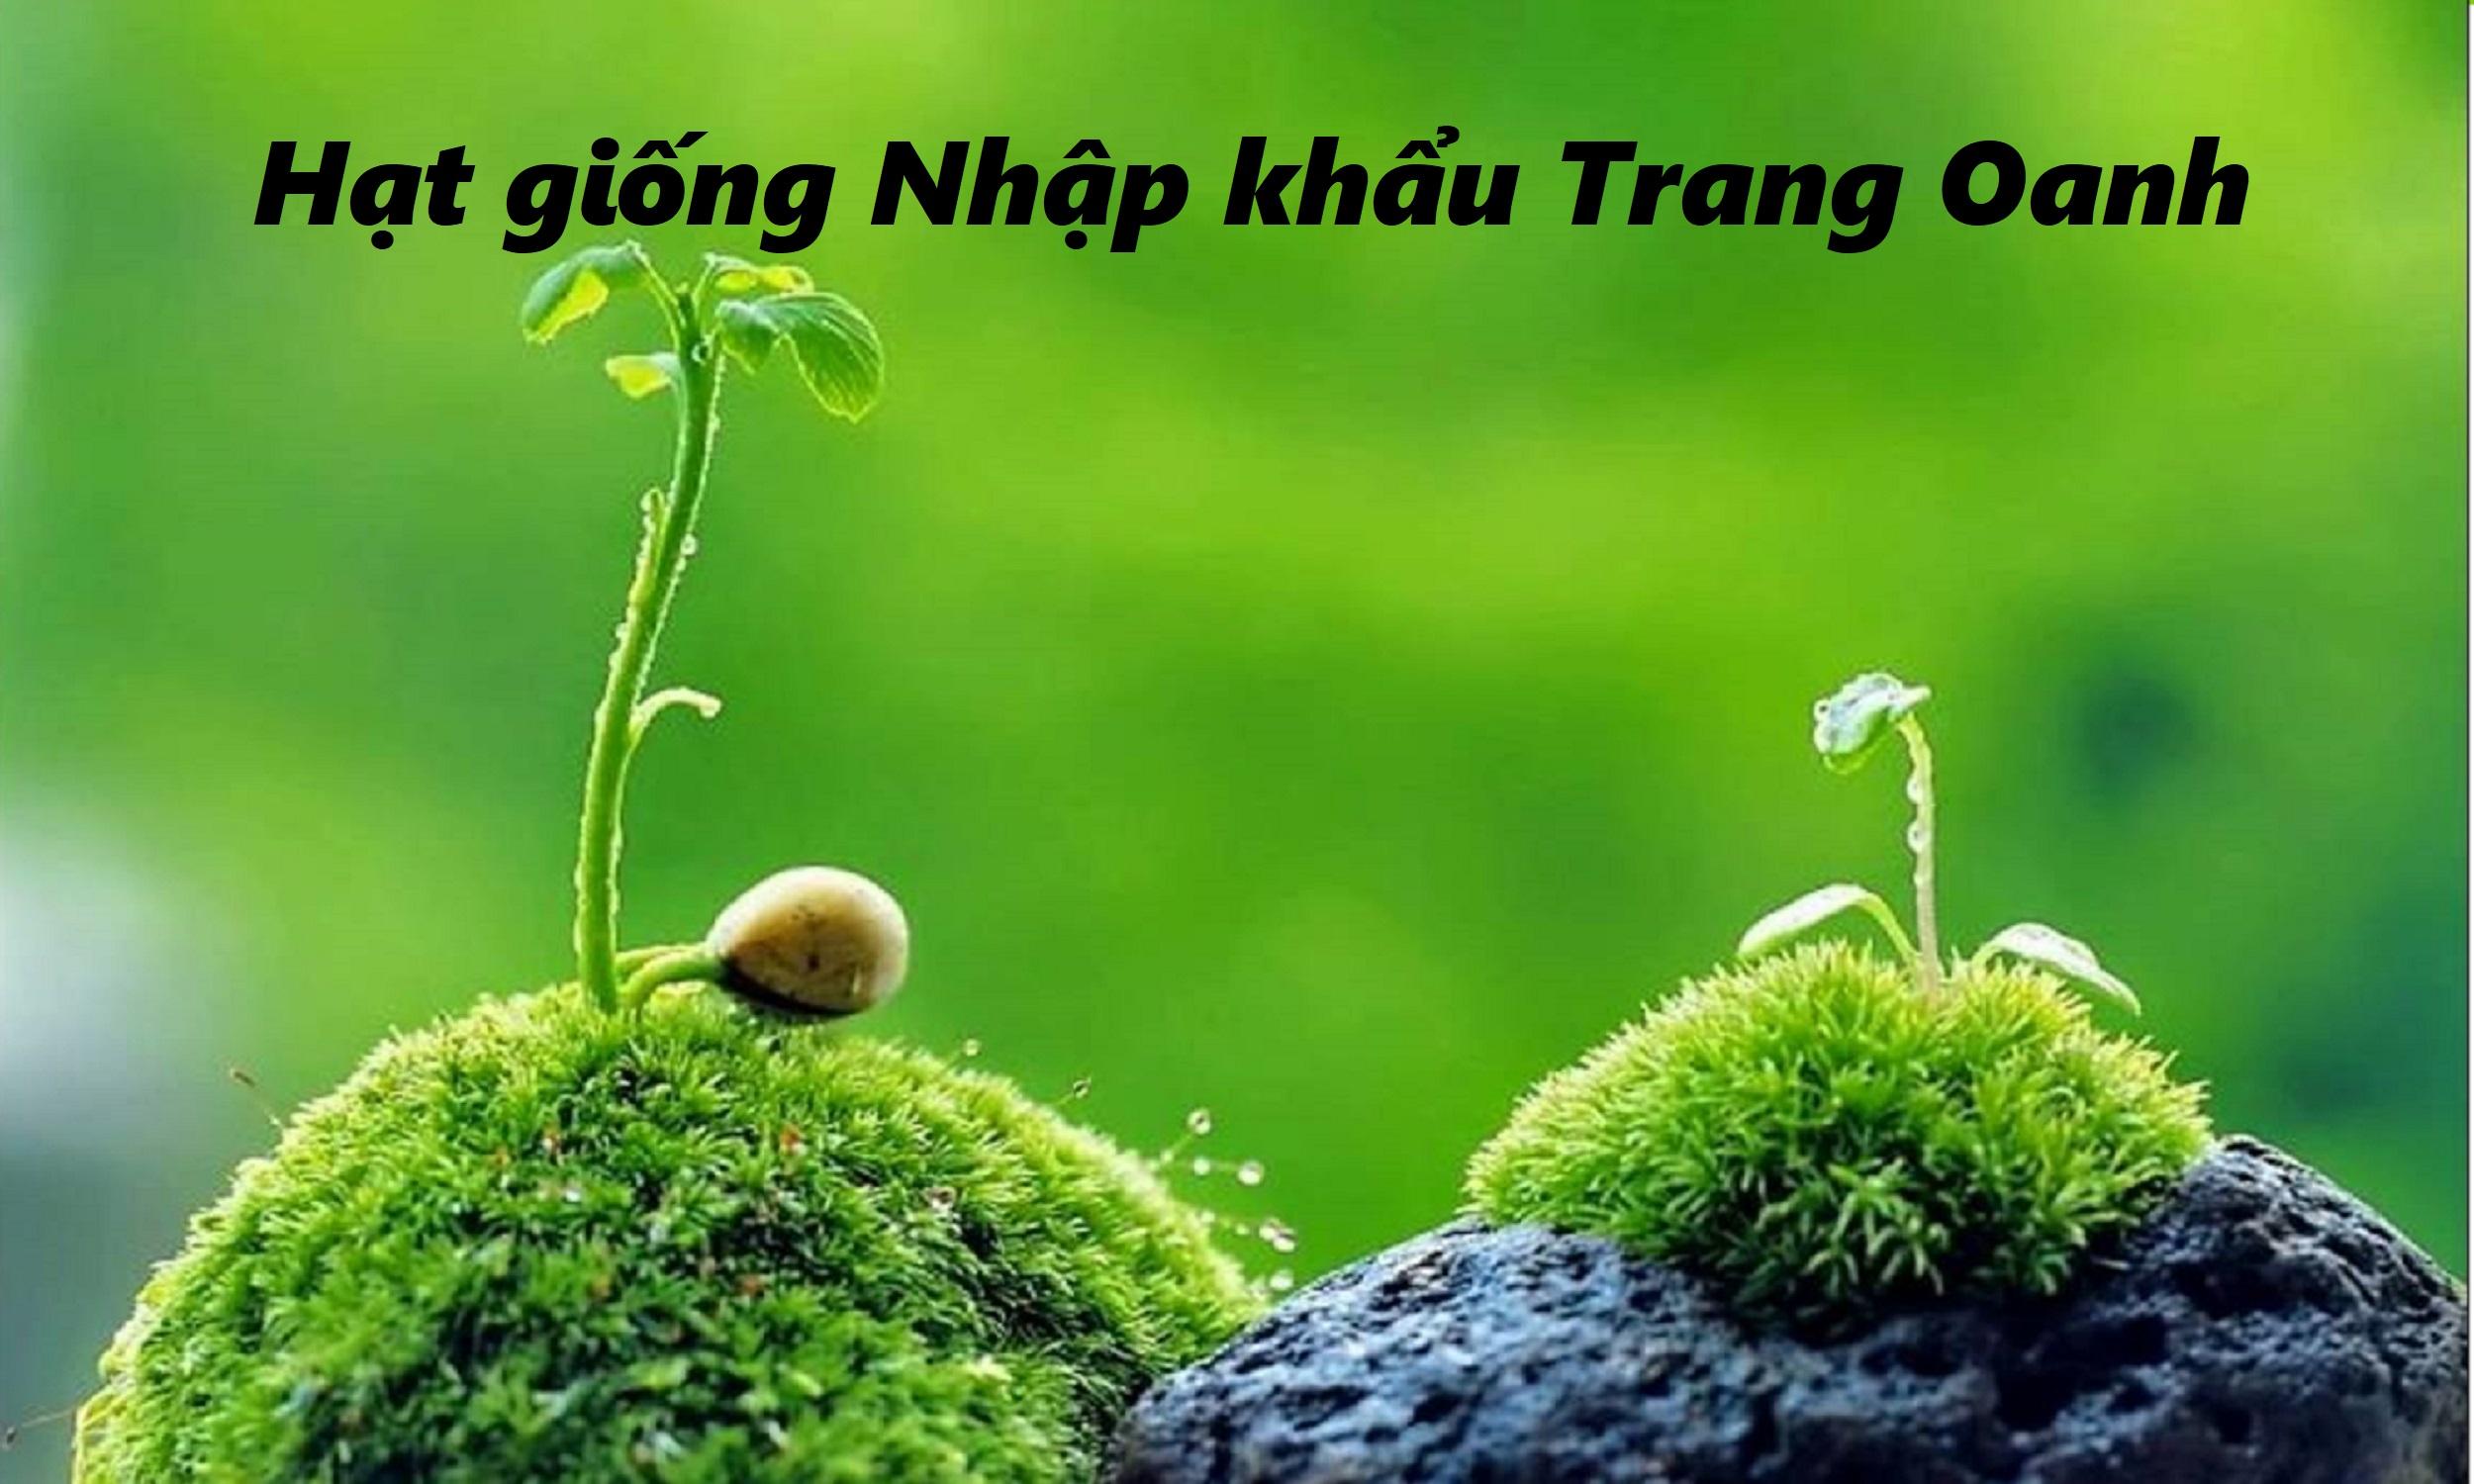 Hạt giống Nhập khẩu Trang Oanh